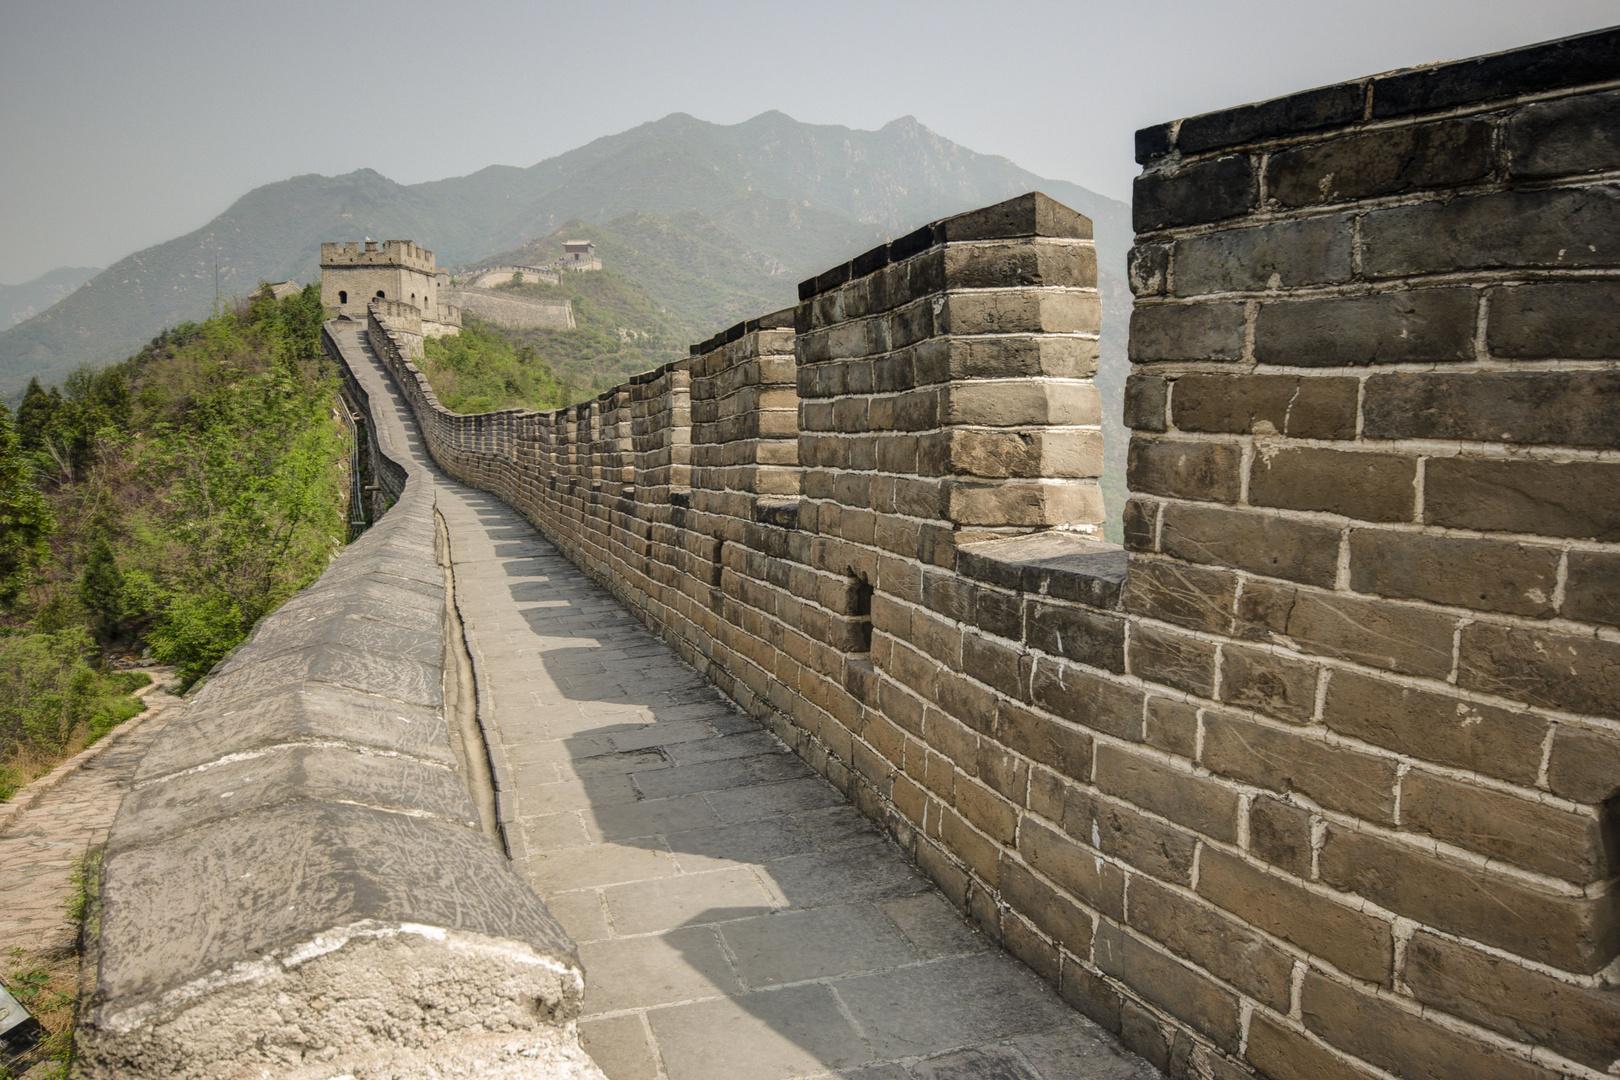 027 - China Wall at Badaling